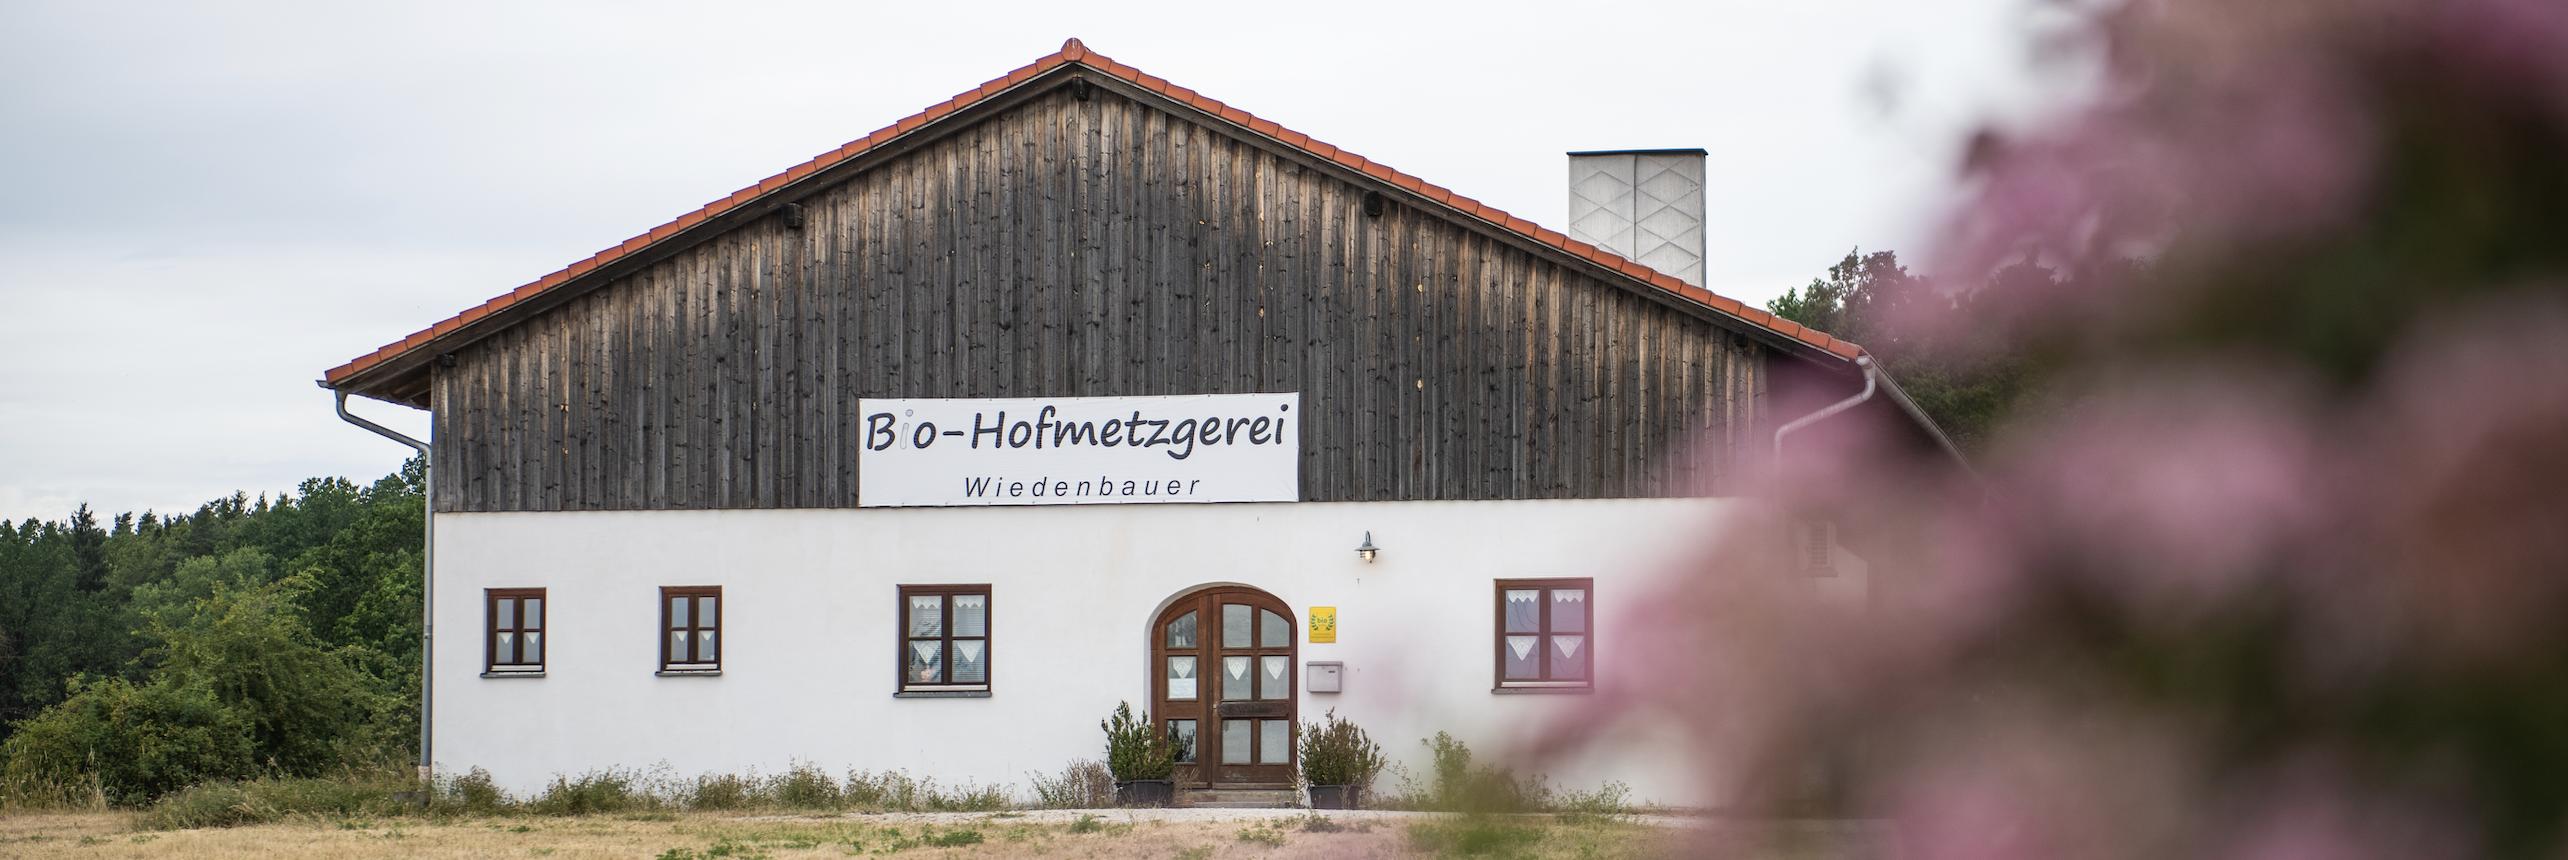 Aussenansicht der Bio-Hofmetzgerei Wiedenbauer